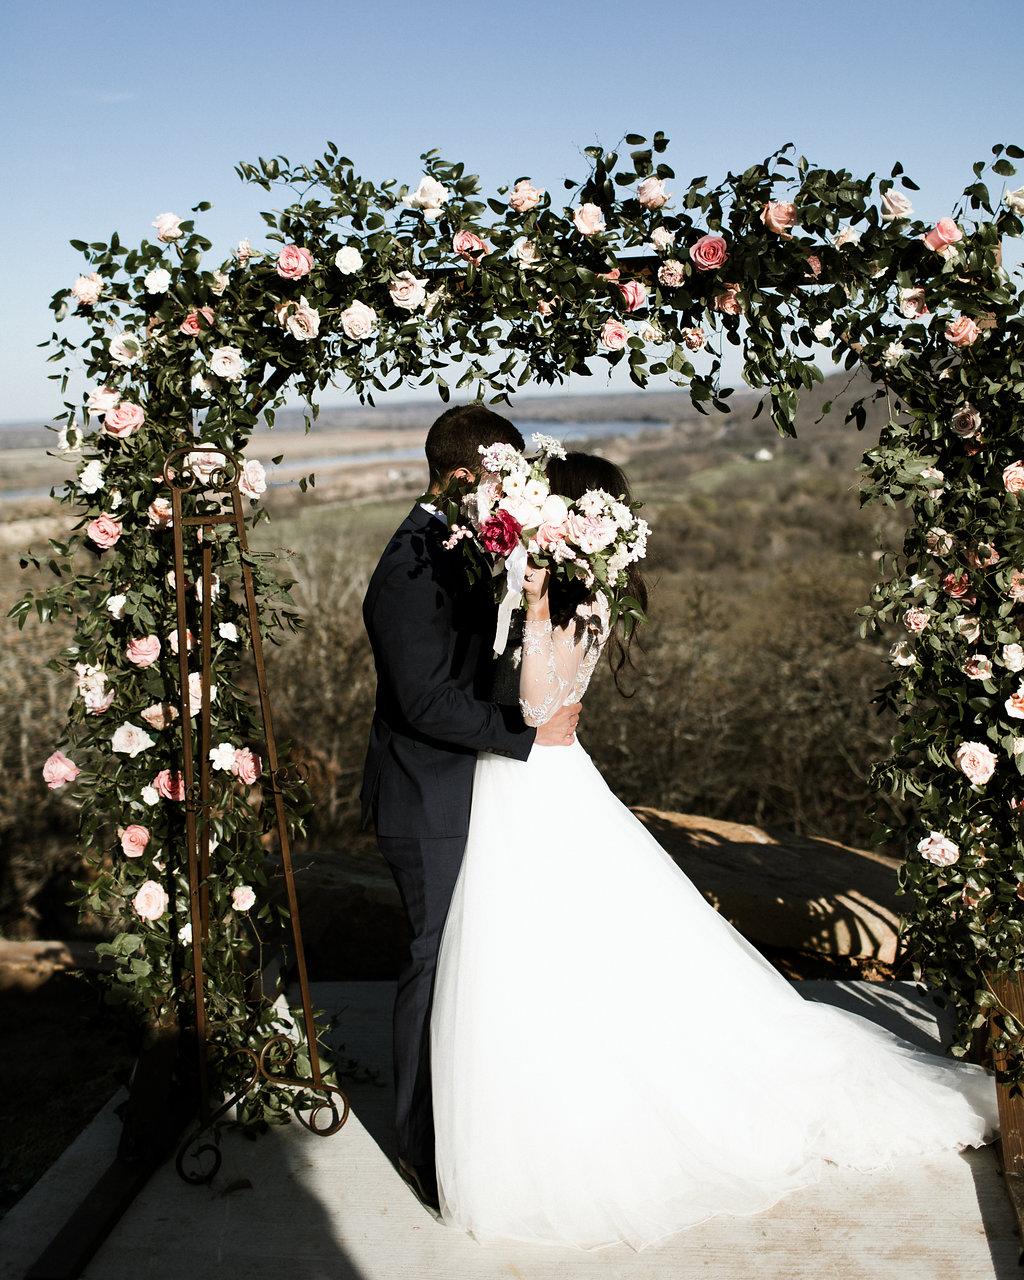 Tulsa Wedding Venue outdoor ceremony 18.jpg